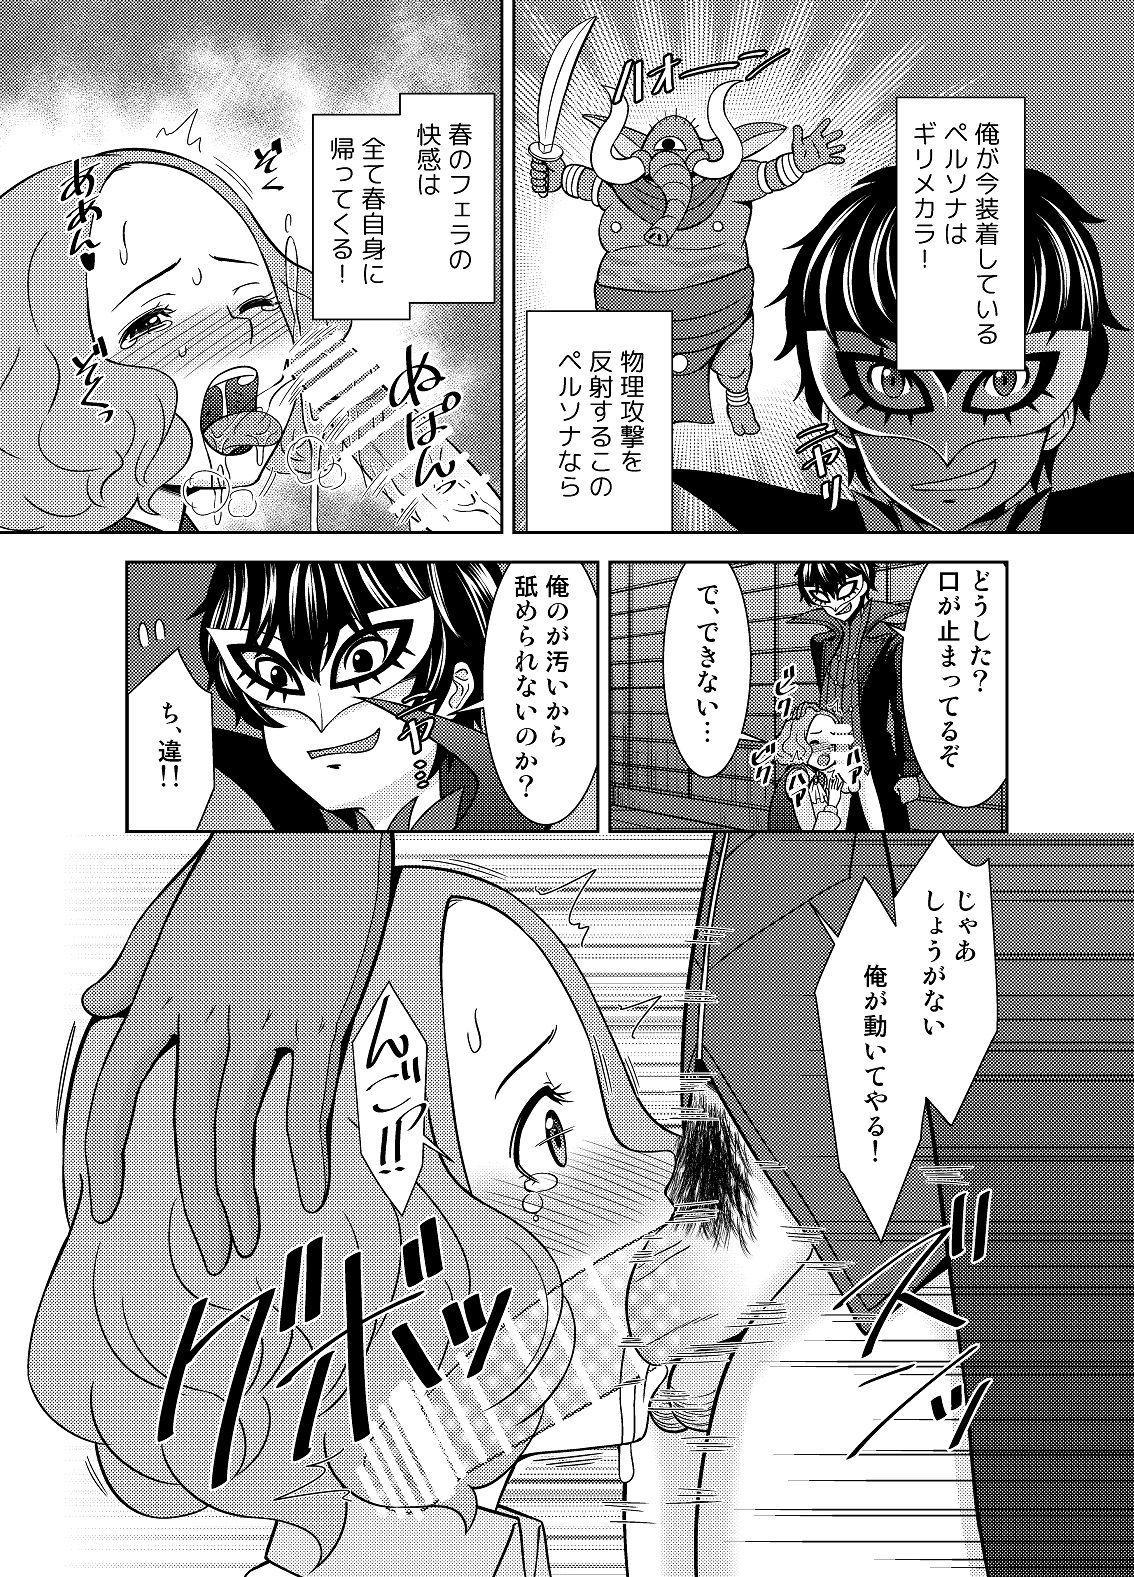 Have Kokoro of the Haru 9